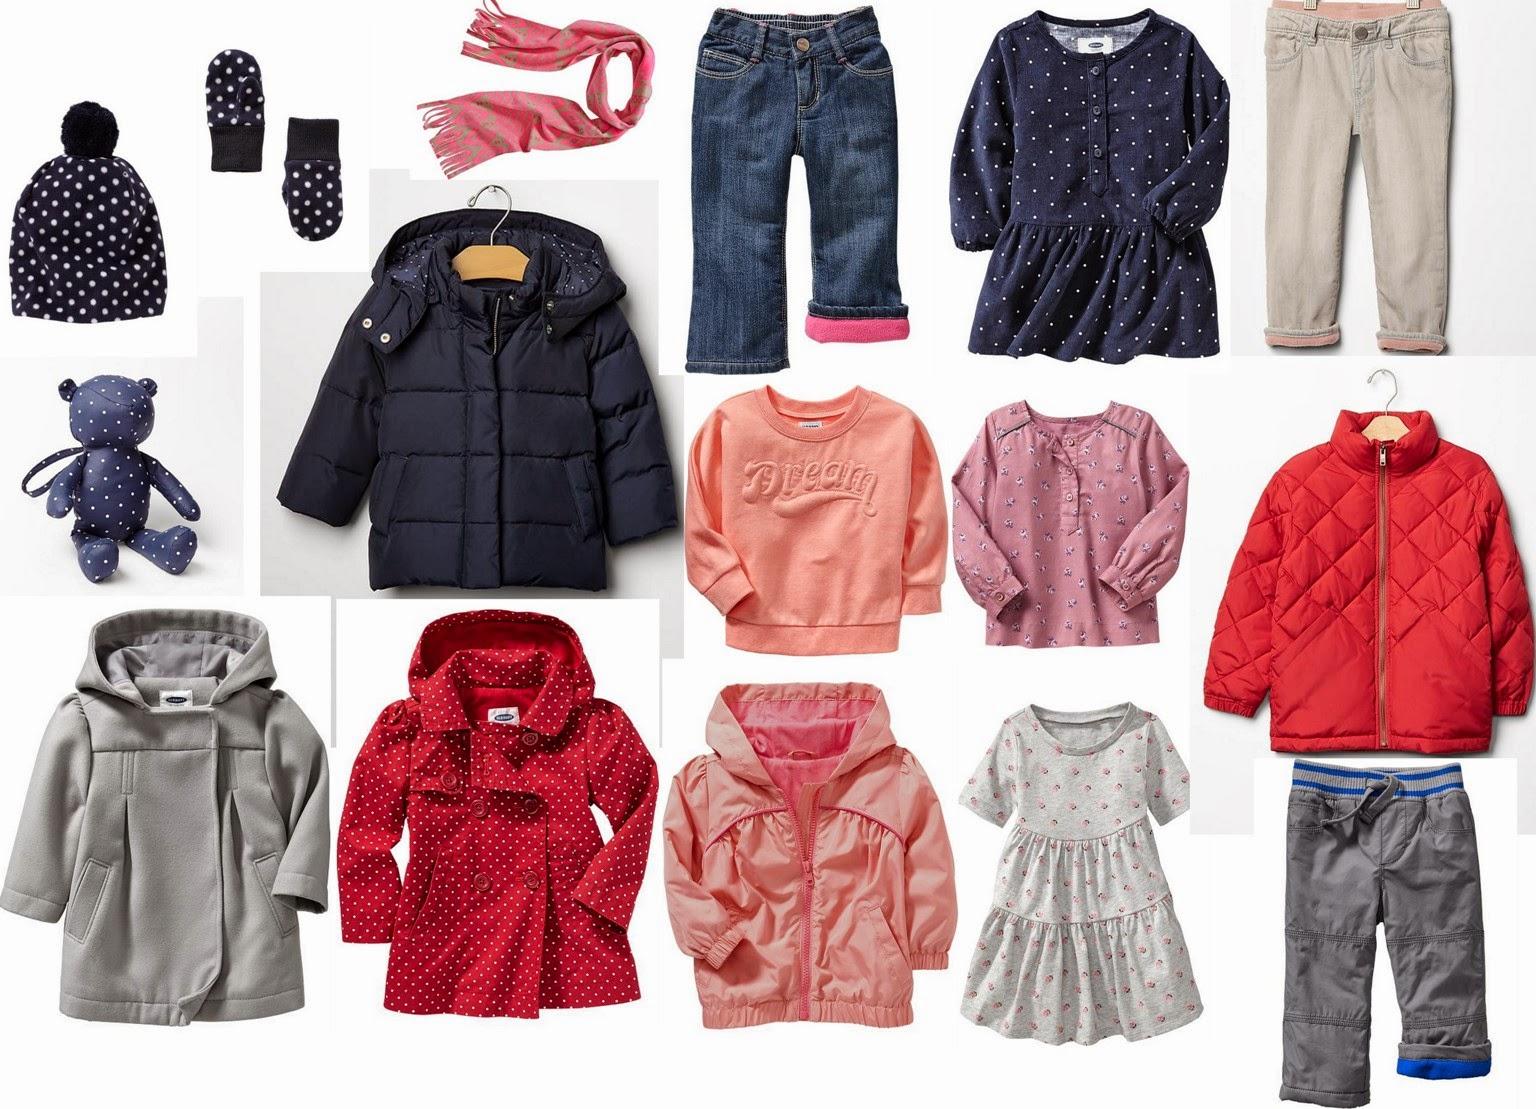 Тут  много реальных фото,в том числе одежда на детке  ) Кому любопытно о  том, что на картинках, клик  3ecd8321f54